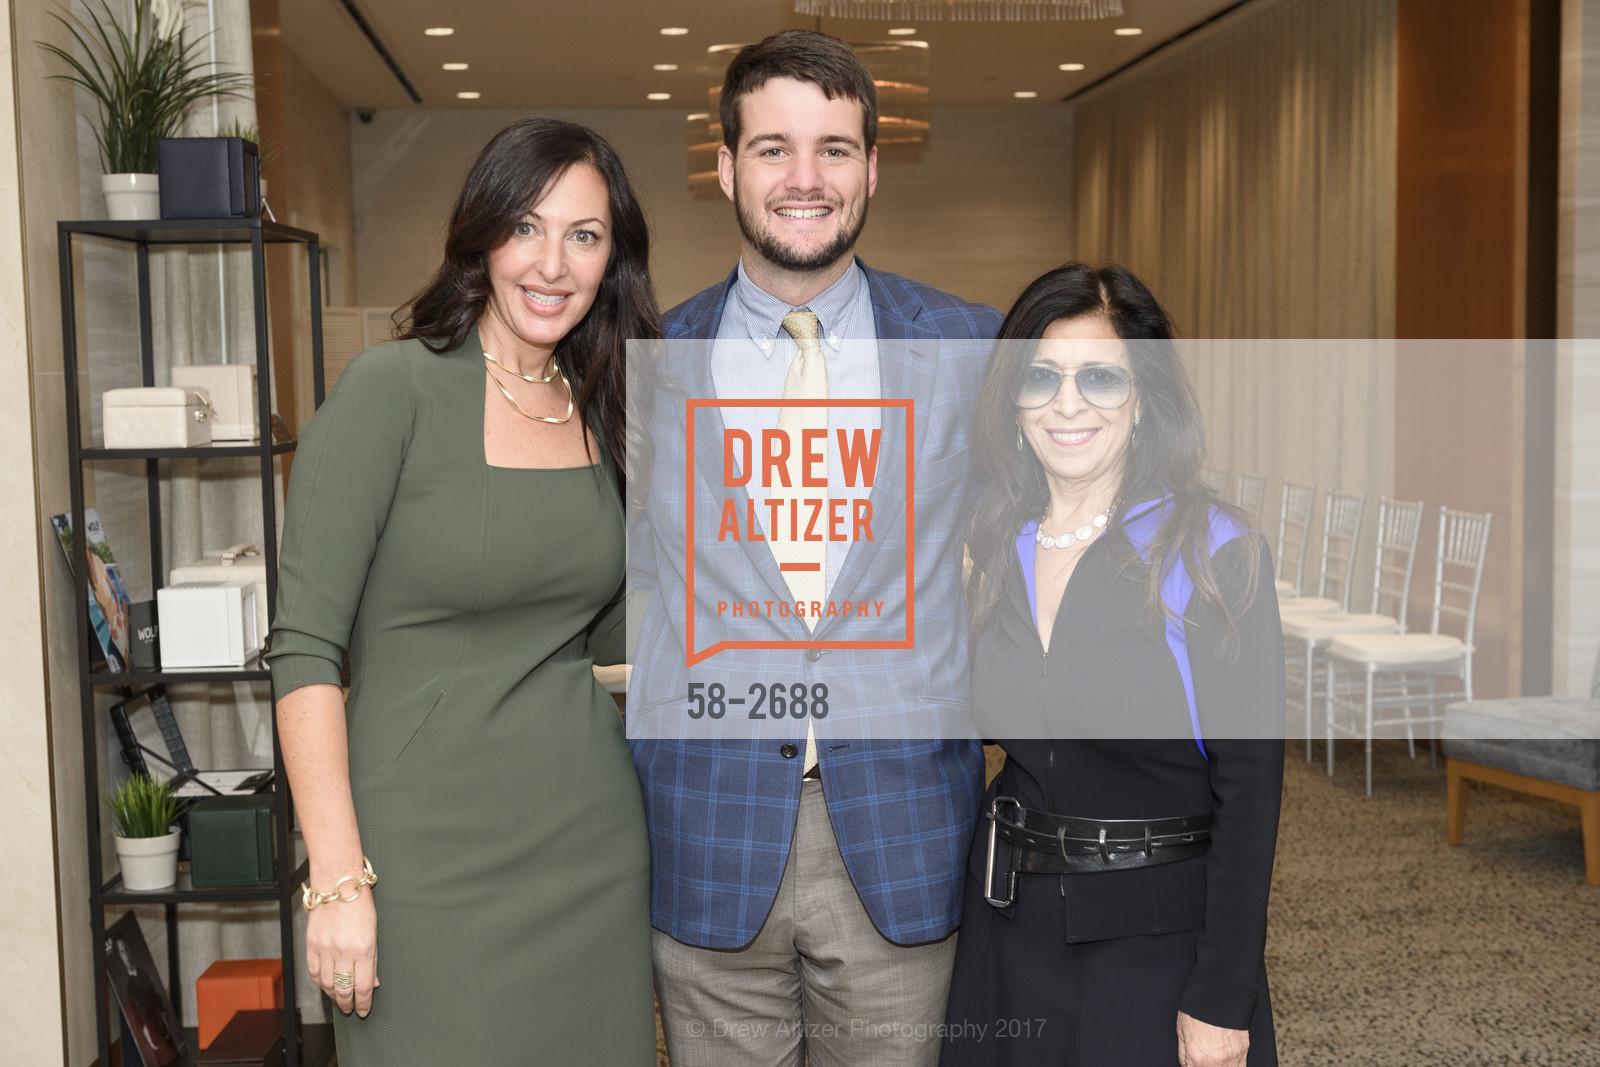 Deborah Cohen, Ren Schiffman, Maria Pinto, Photo #58-2688